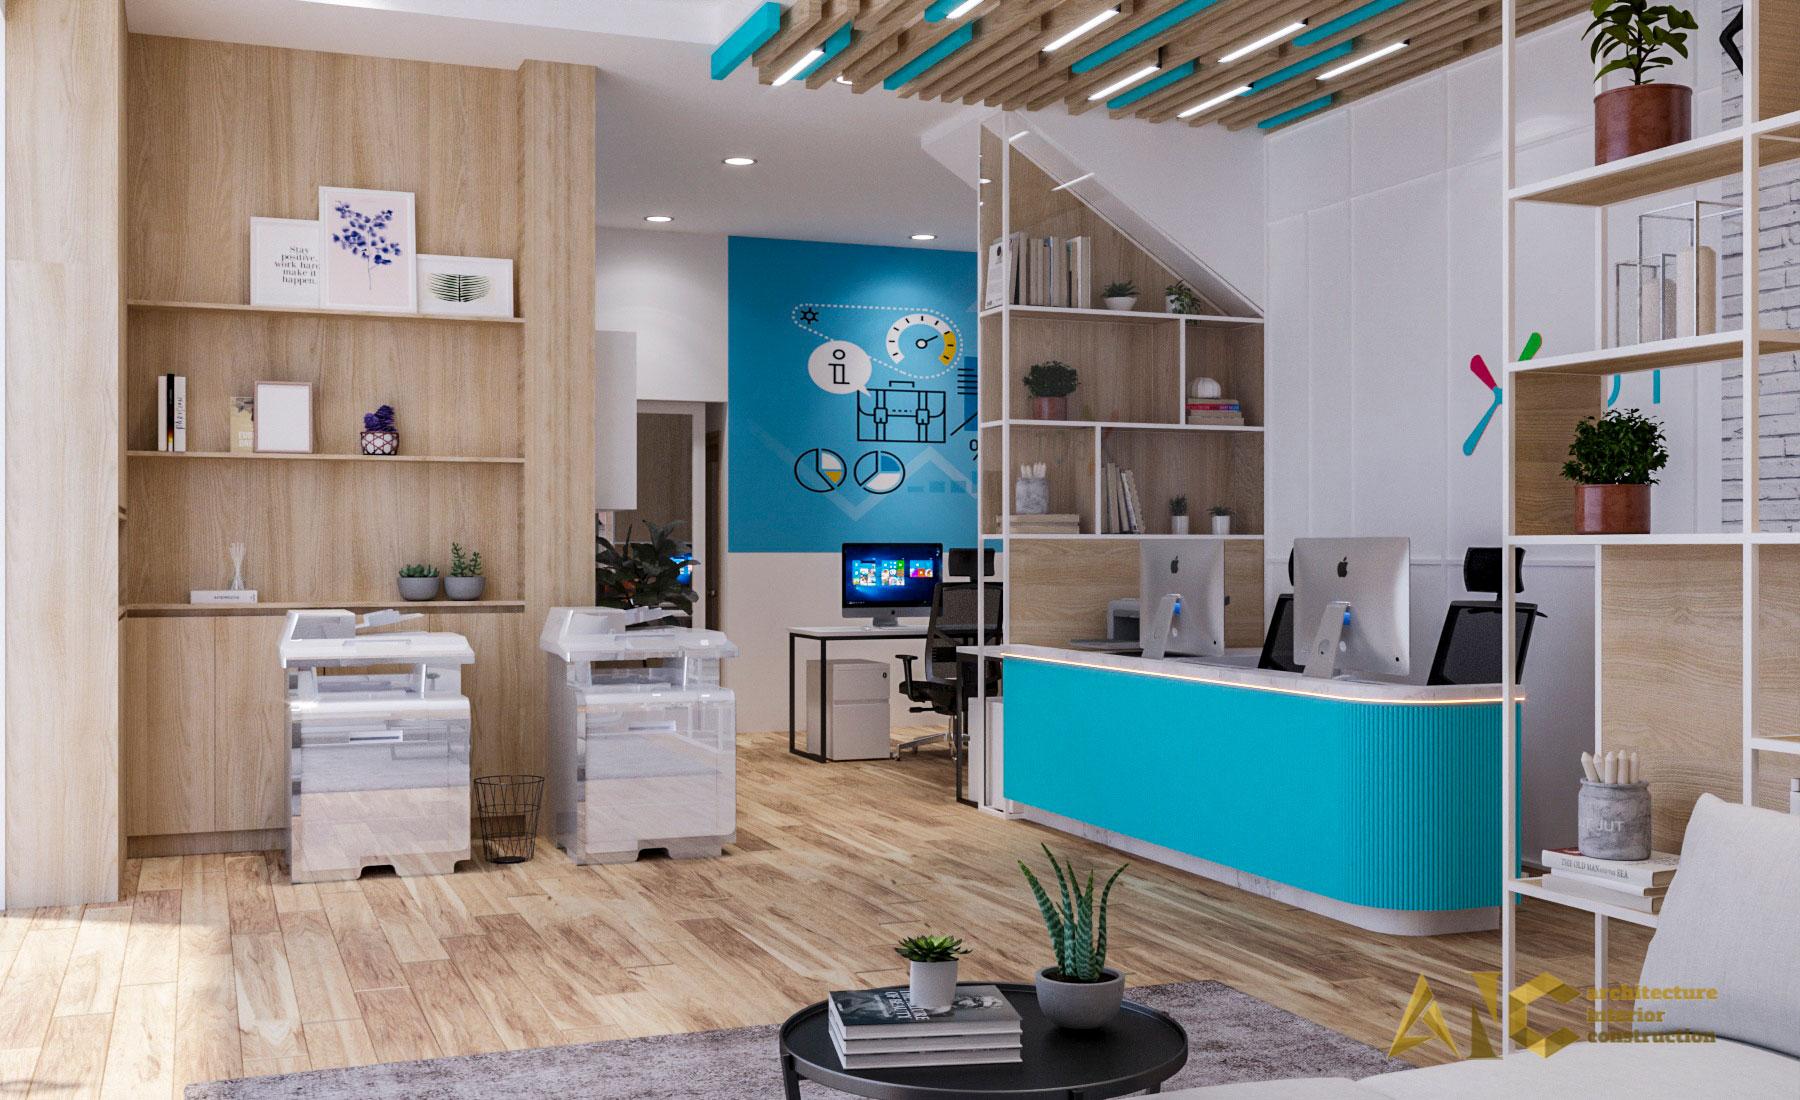 thiết kế thi công nội thất văn phòng Xbot - view 2